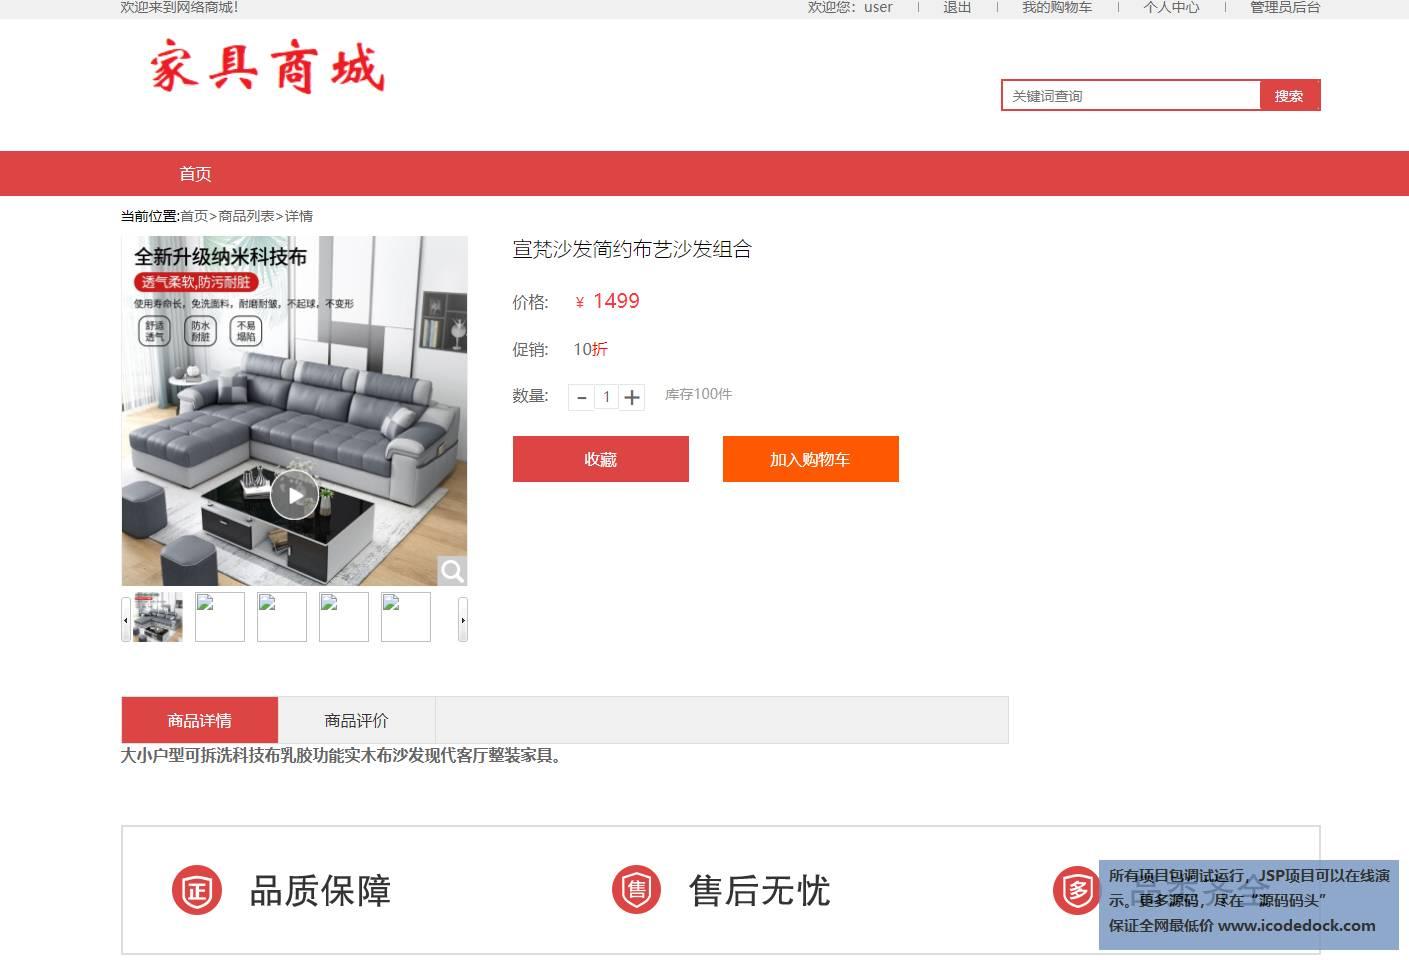 源码码头-SSM网上家具商城网站系统平台-用户角色-查看商品详情